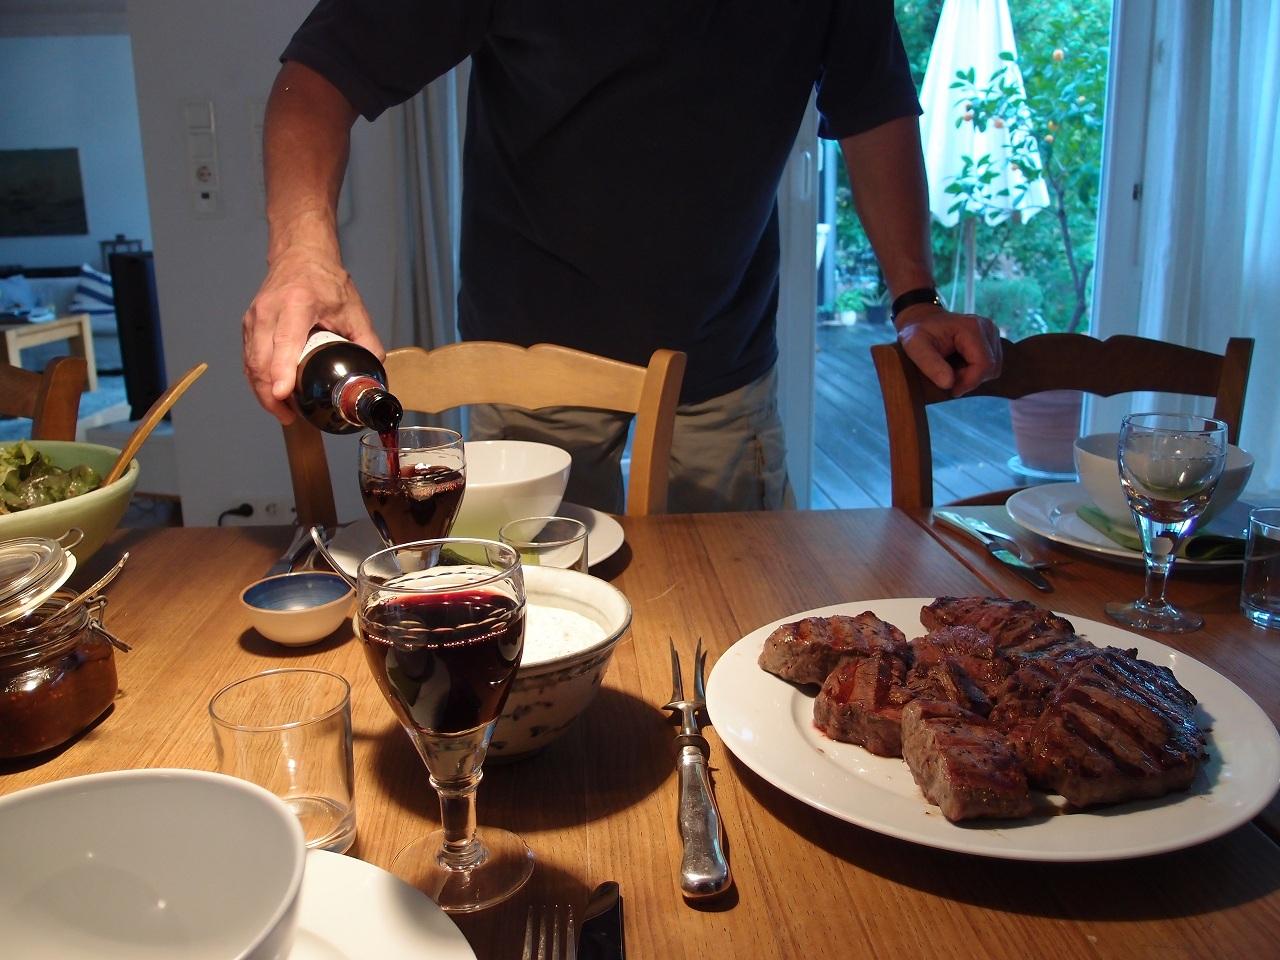 ドイツでさっそくお肉とジャガイモ_a0116902_252234.jpg